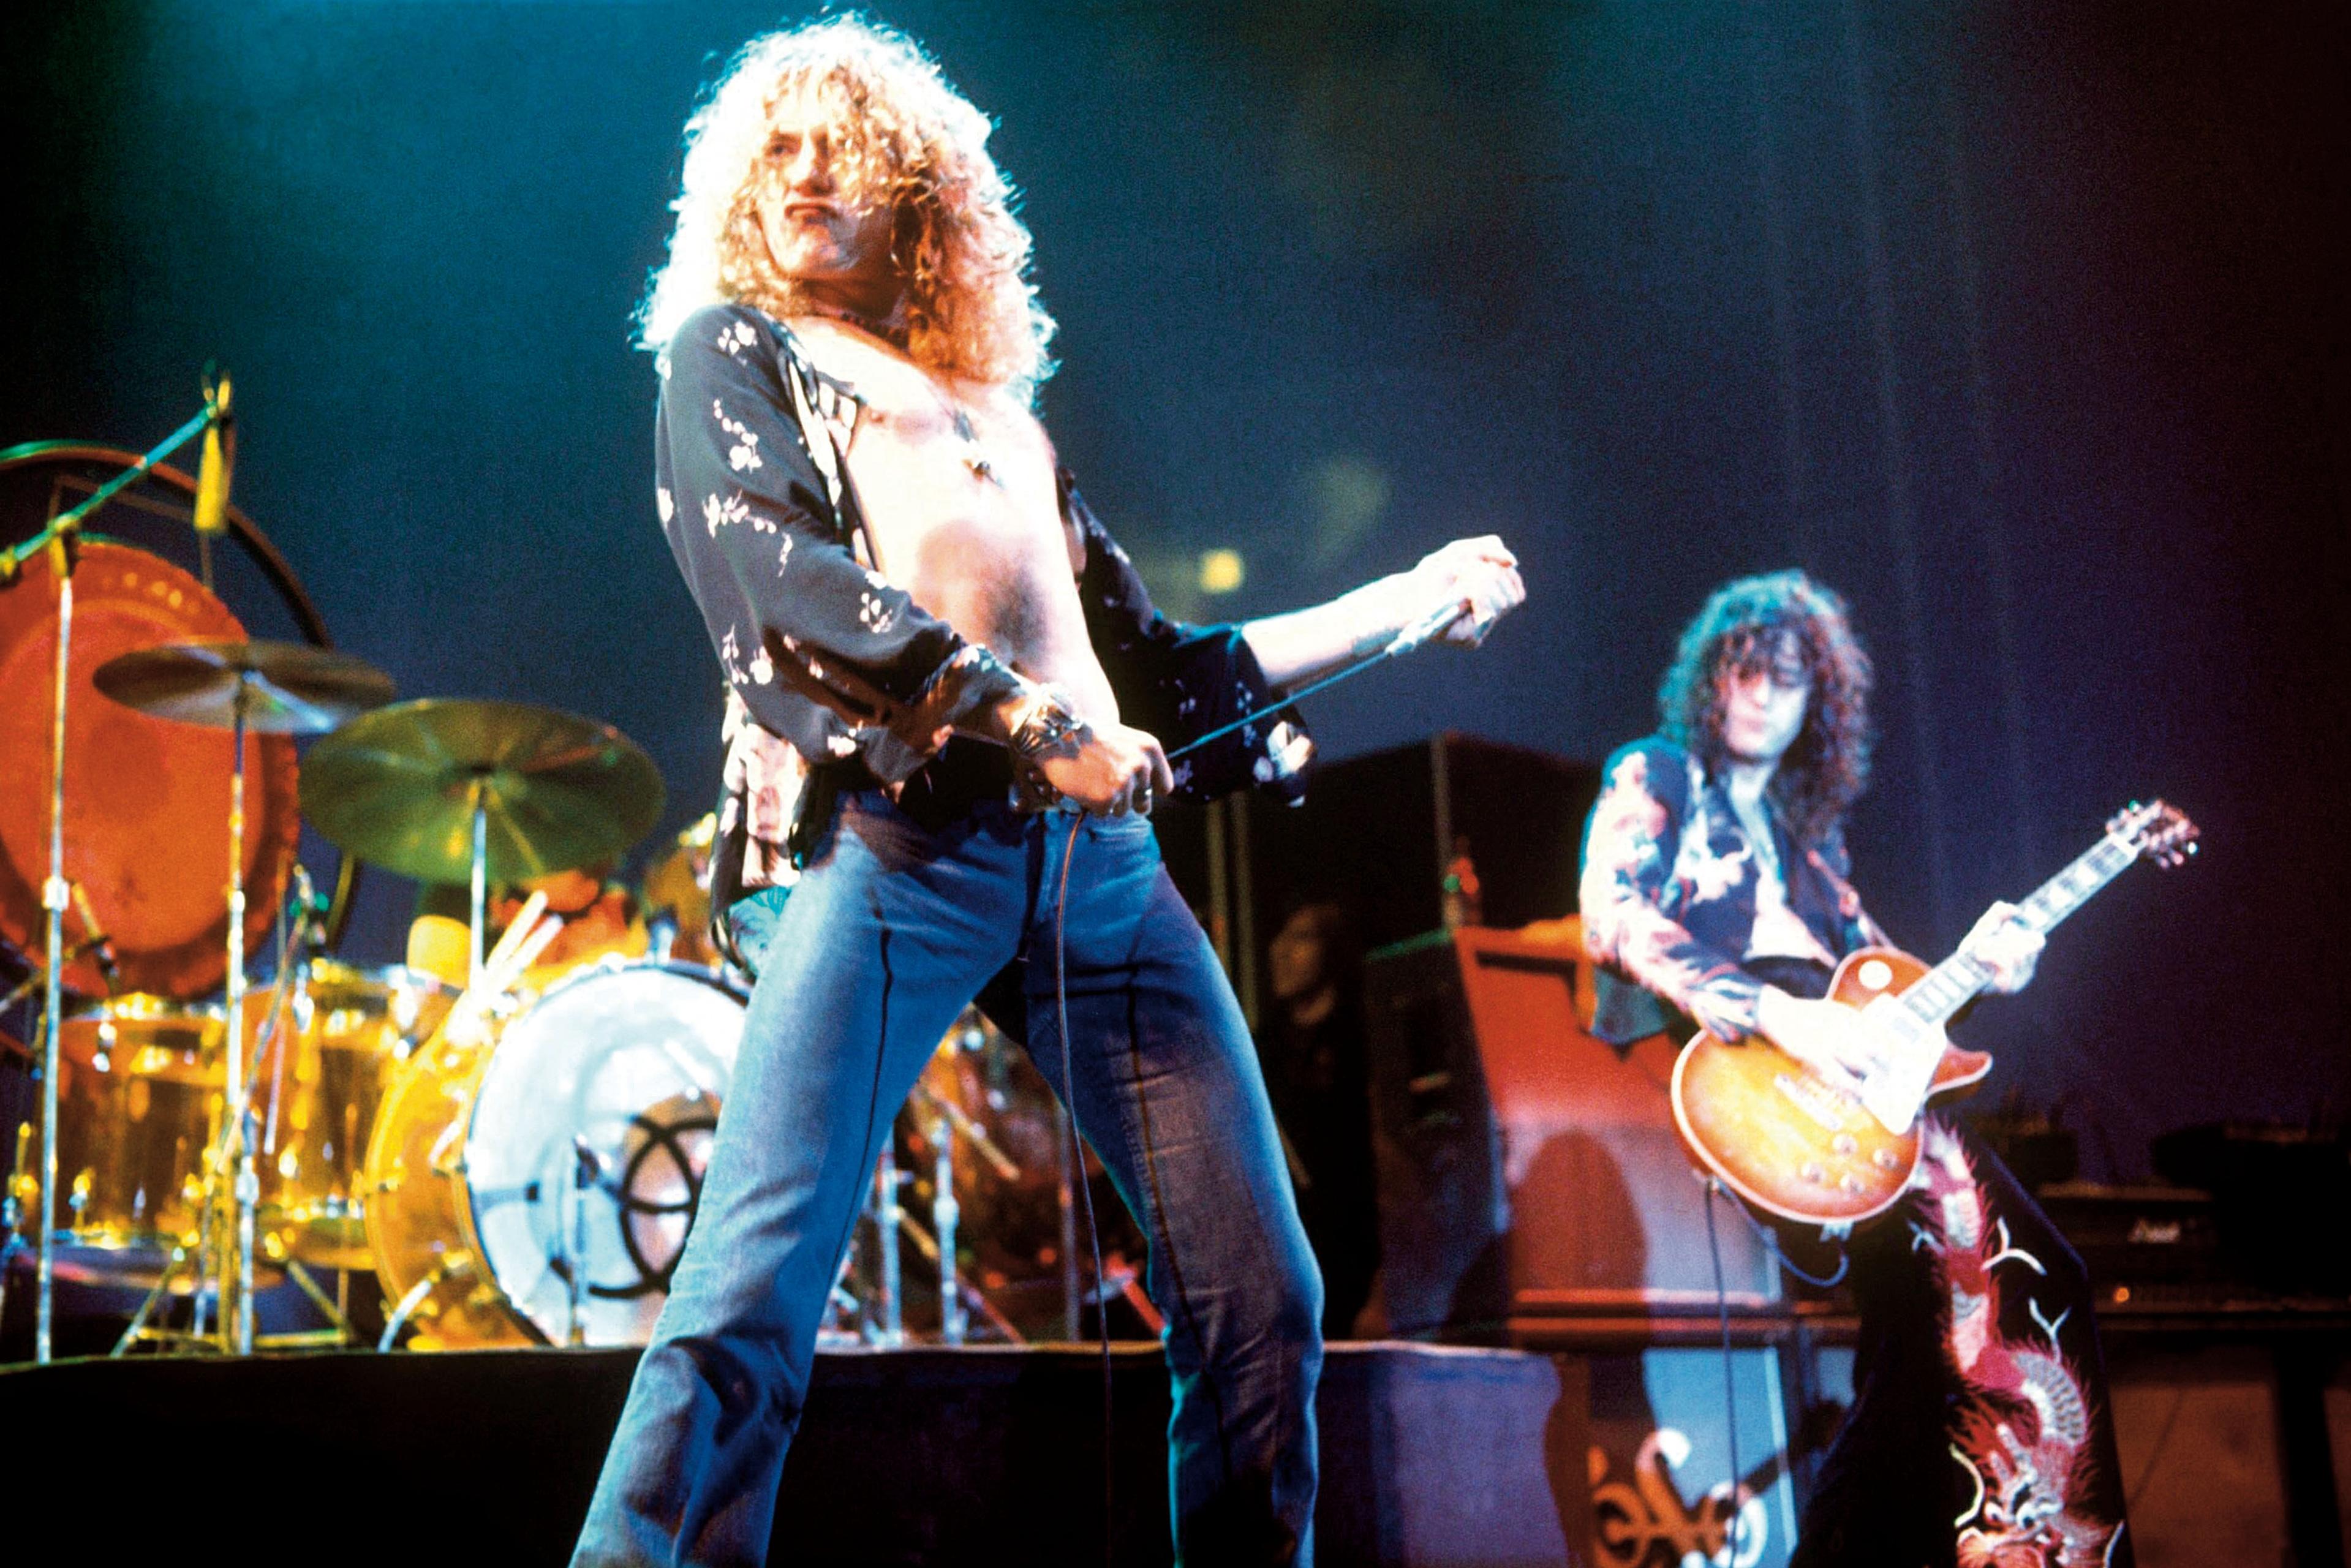 История последнего турне Led Zeppelin - Роккульт